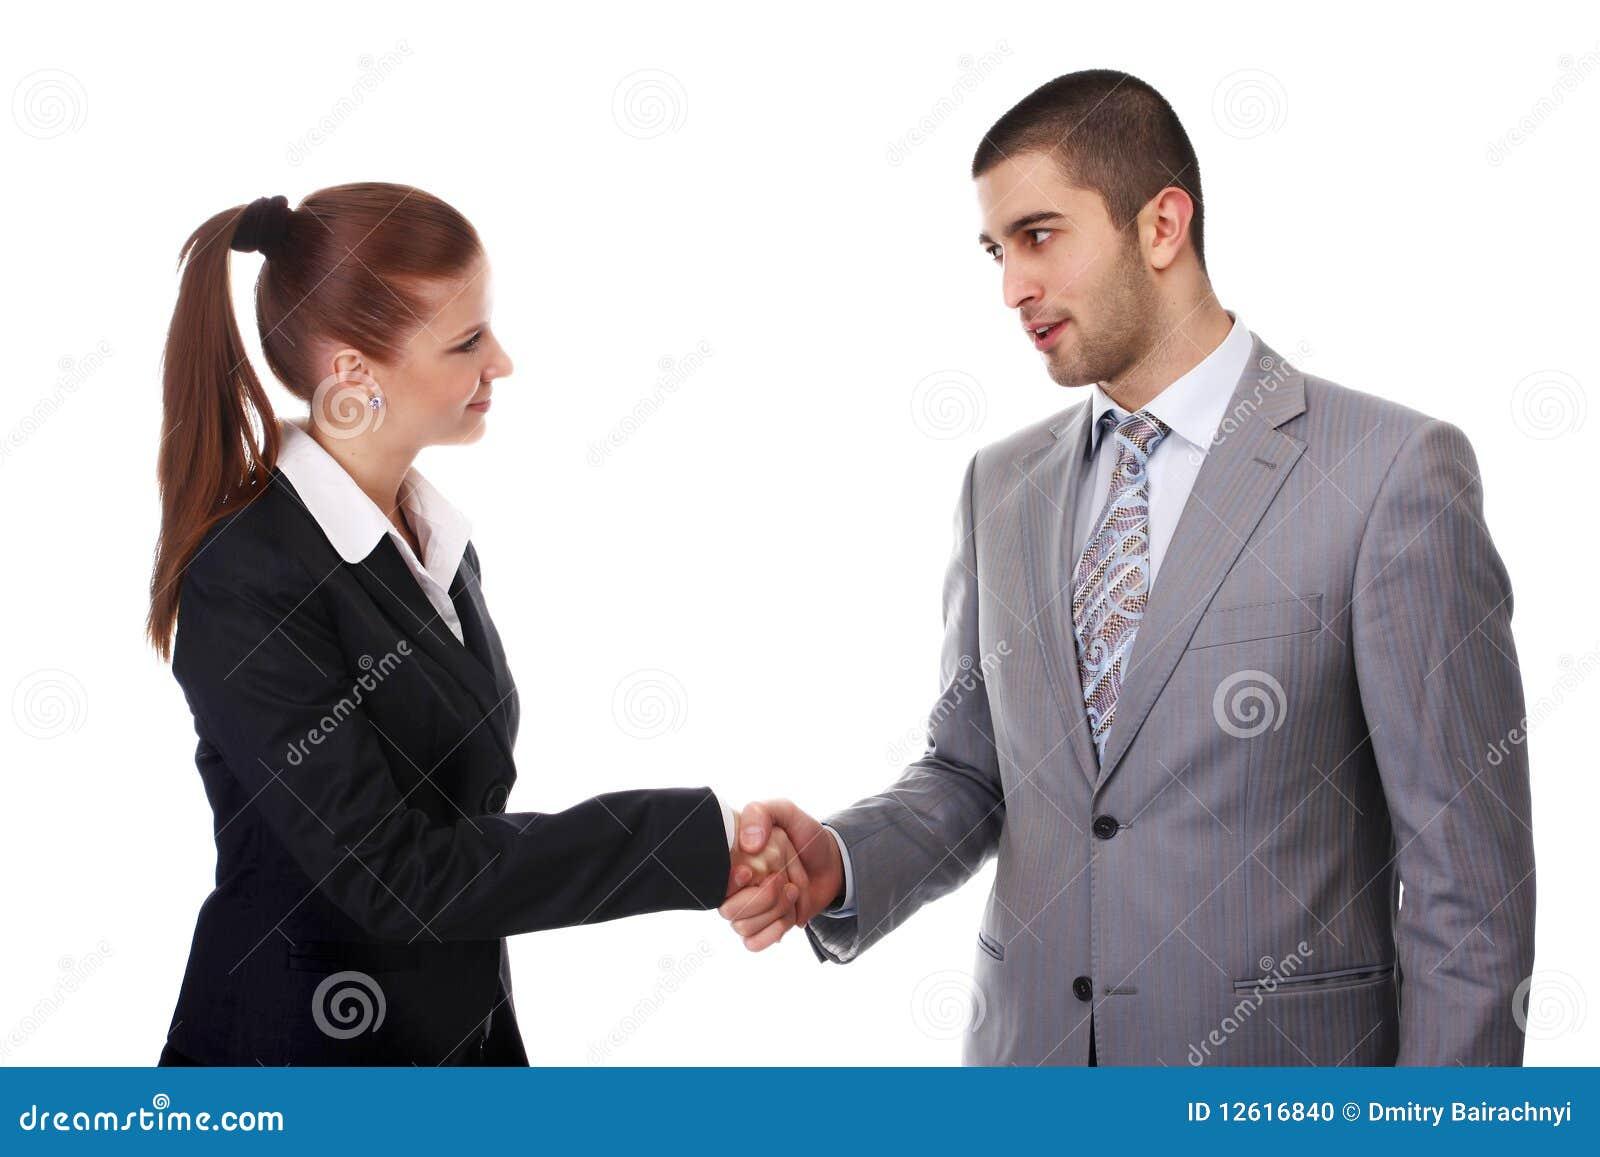 business-woman-business-man-12616840.jpg